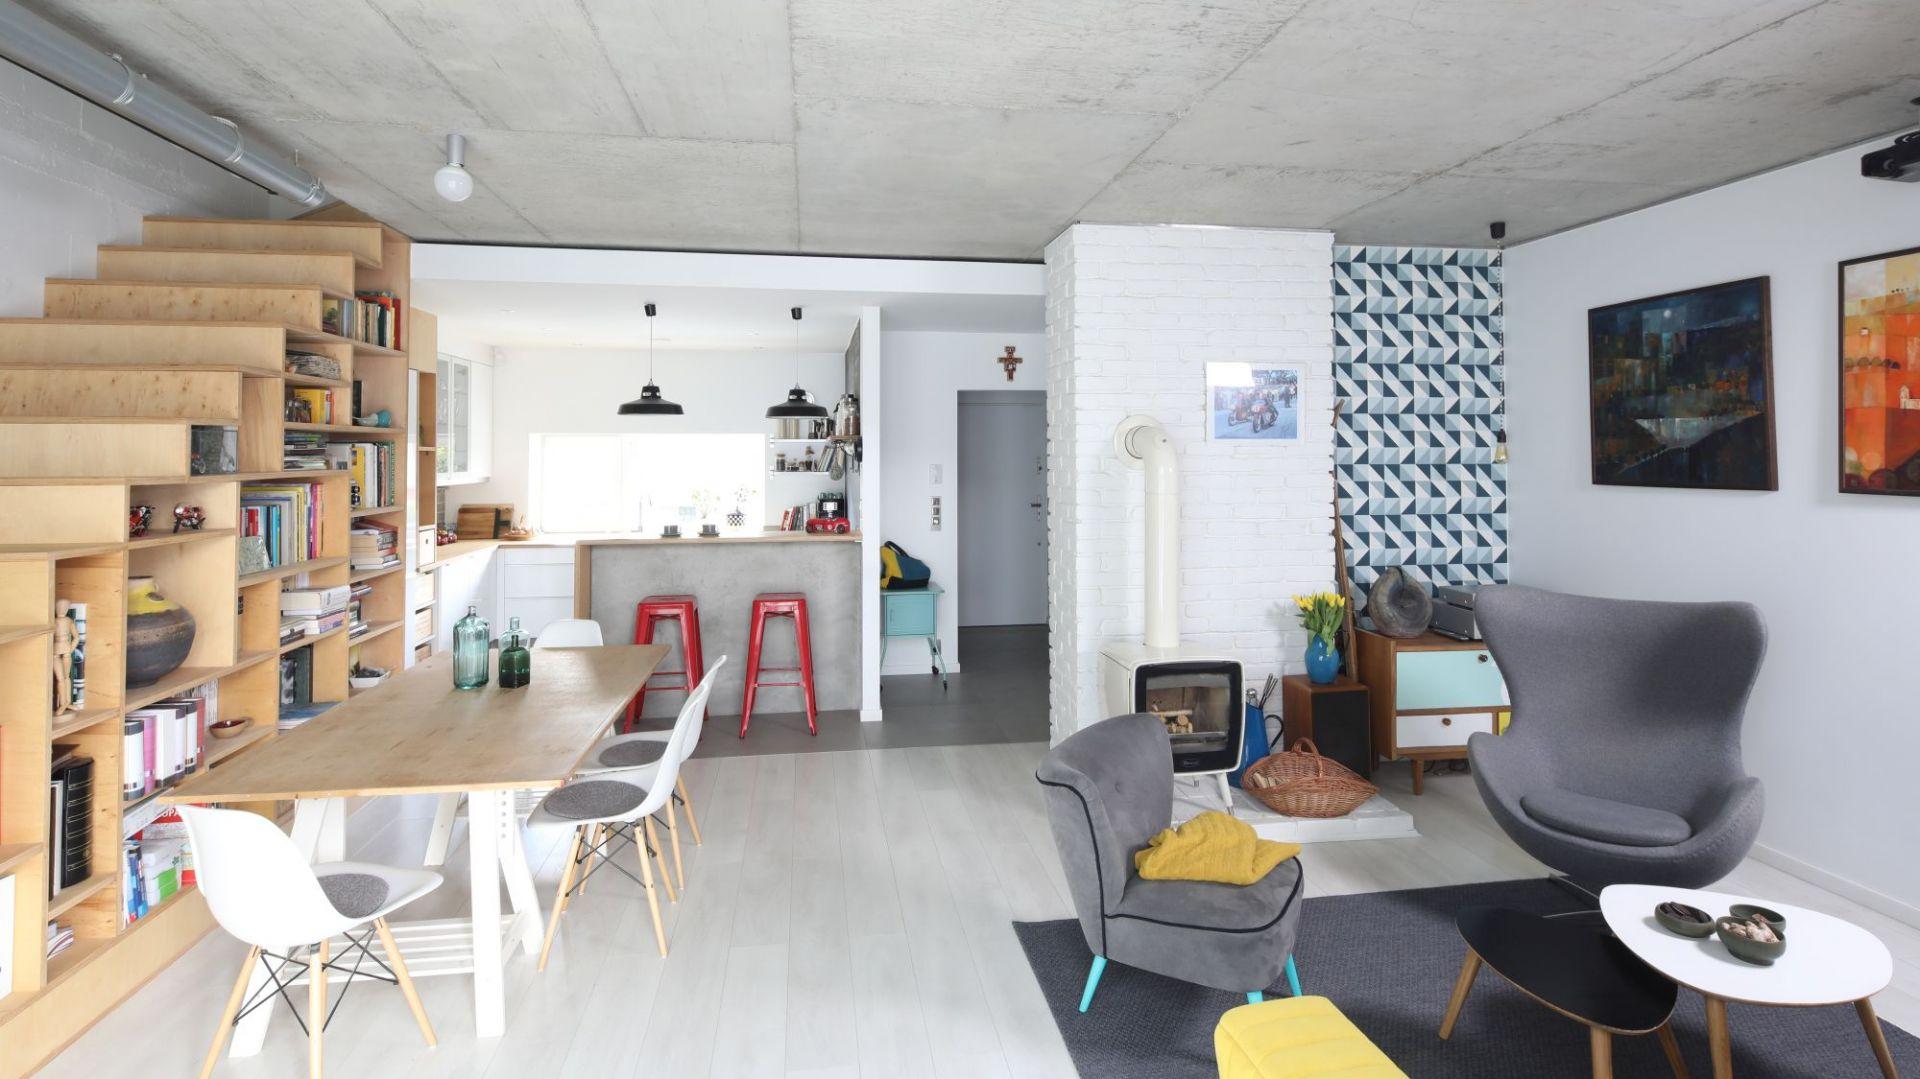 Salon z kuchnią i jadalnią. 30 pięknych wnętrz polskich domów. Projekt: Małgorzata Przybyła, Dawid Czyż. Fot. Bartosz Jarosz